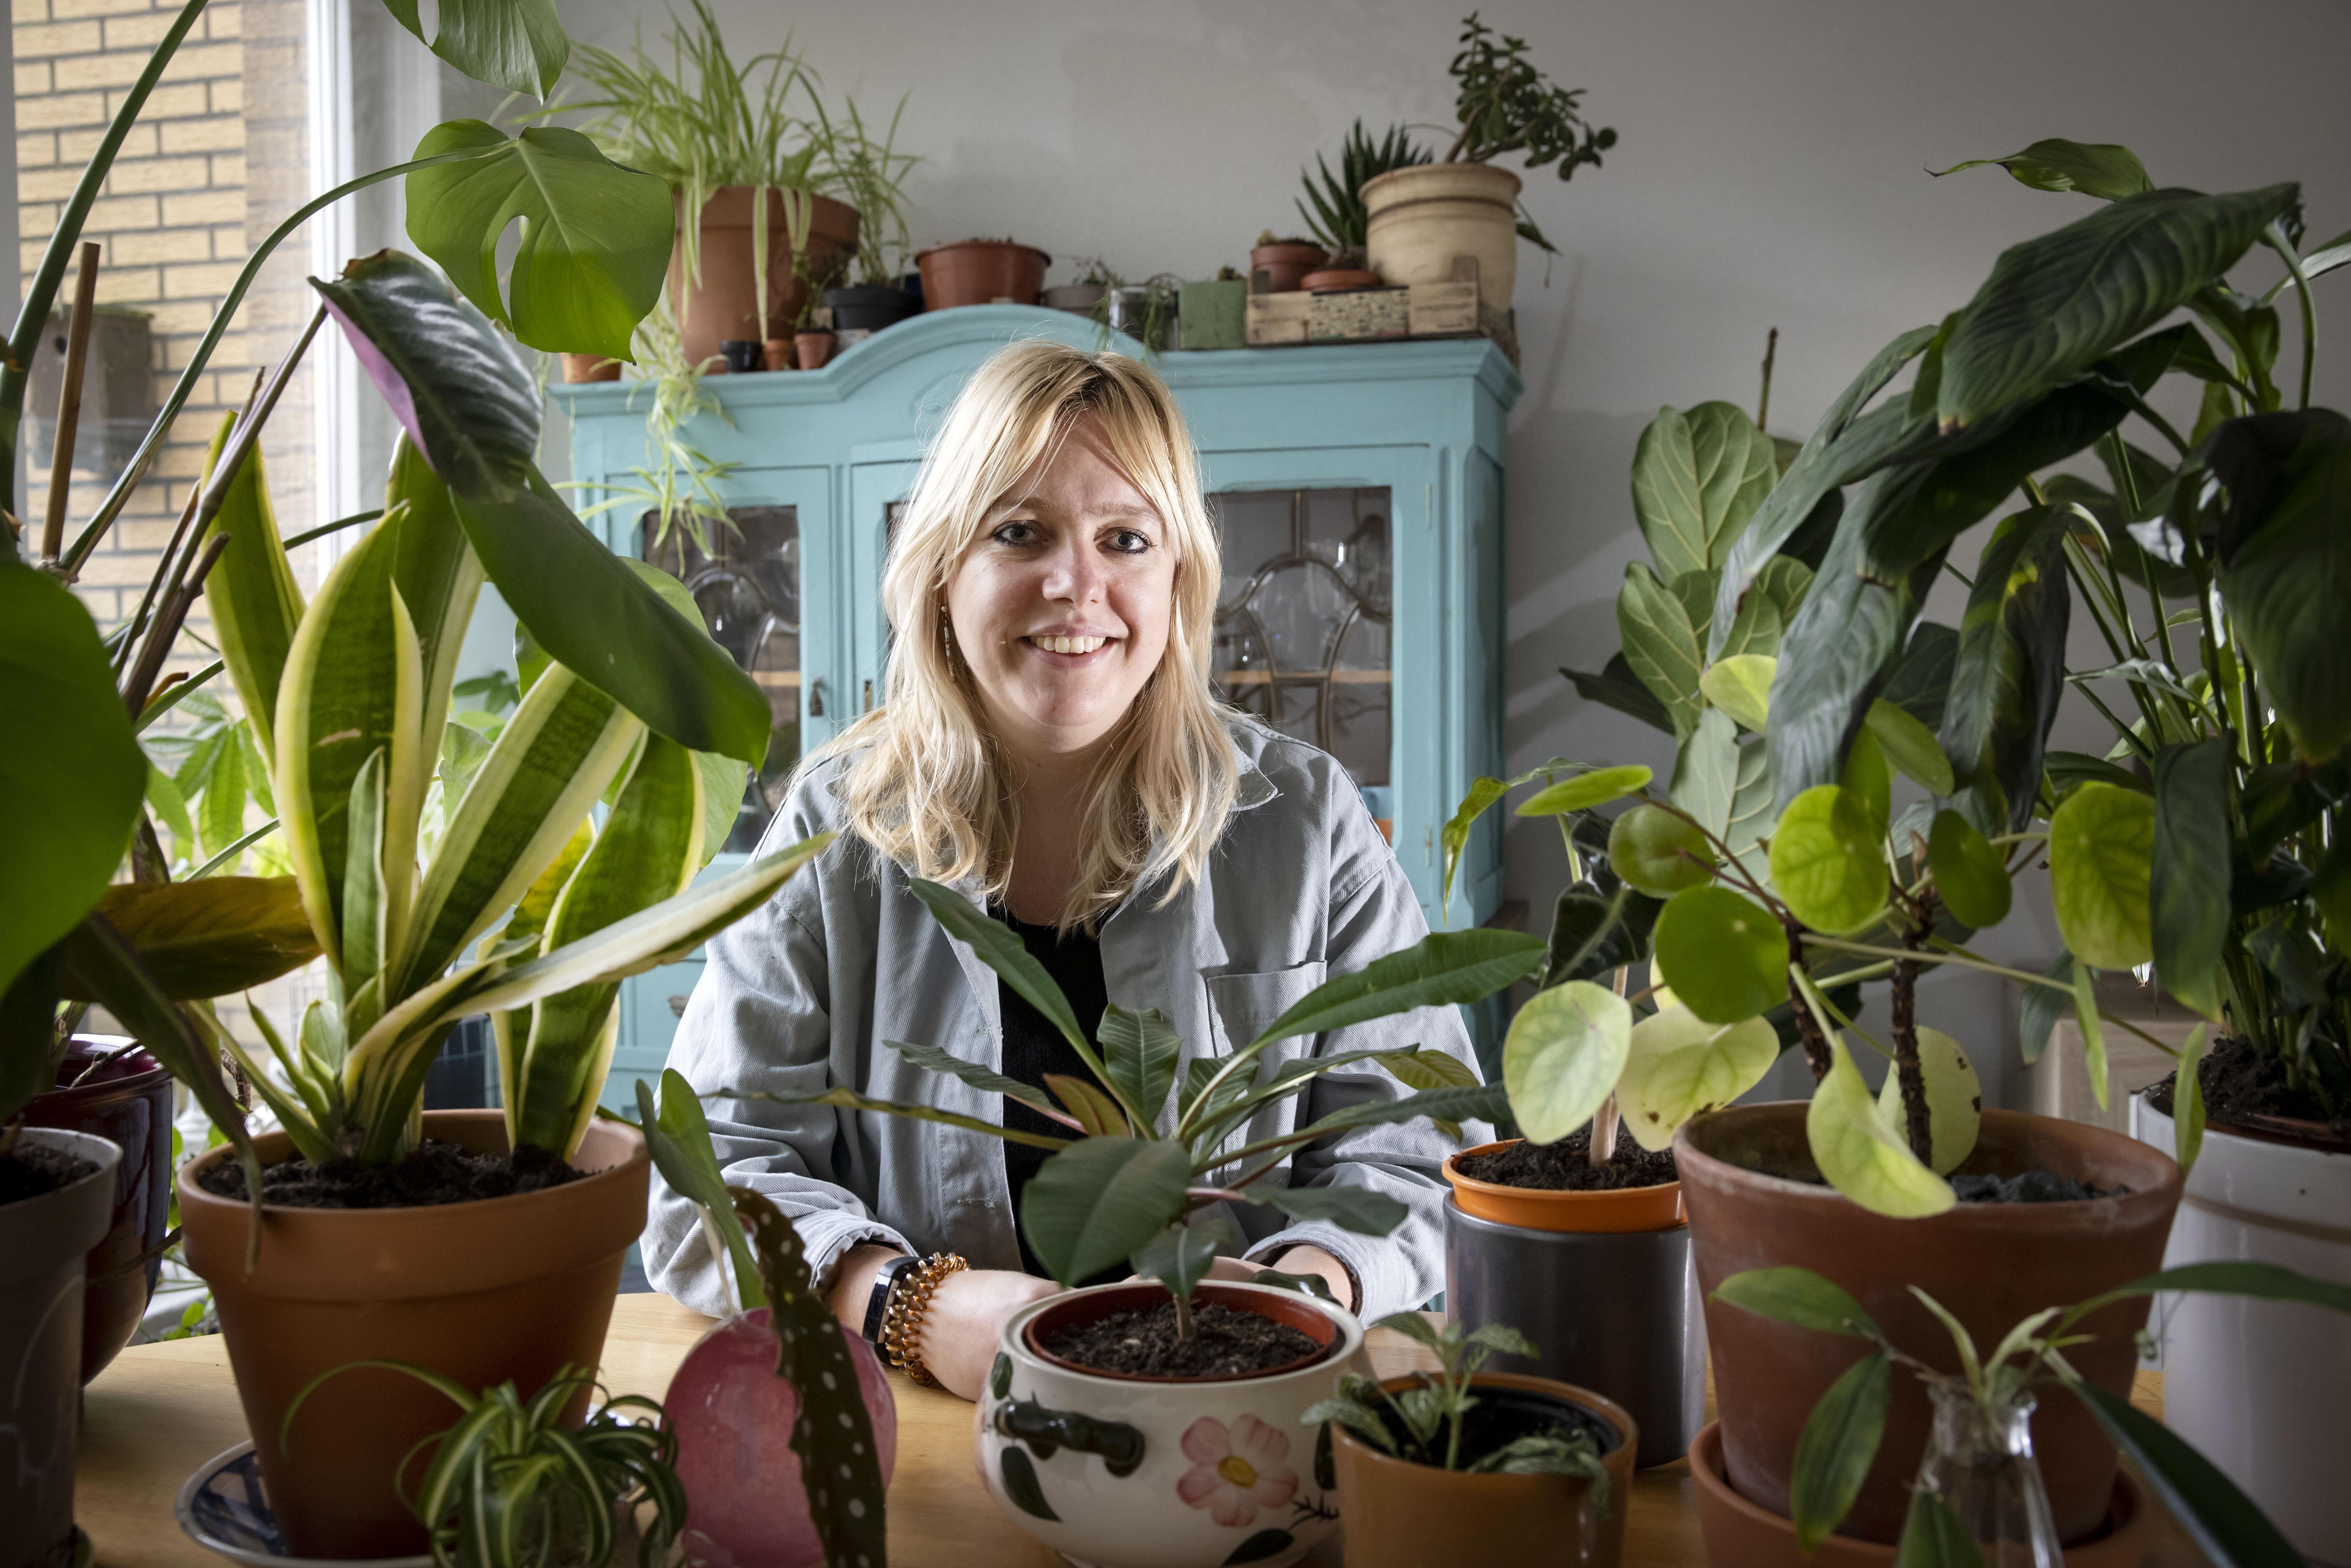 Mirthe Stoop van Plantenasiel Castricum: 'Hoe zieliger het plantje, des te leuker het project'